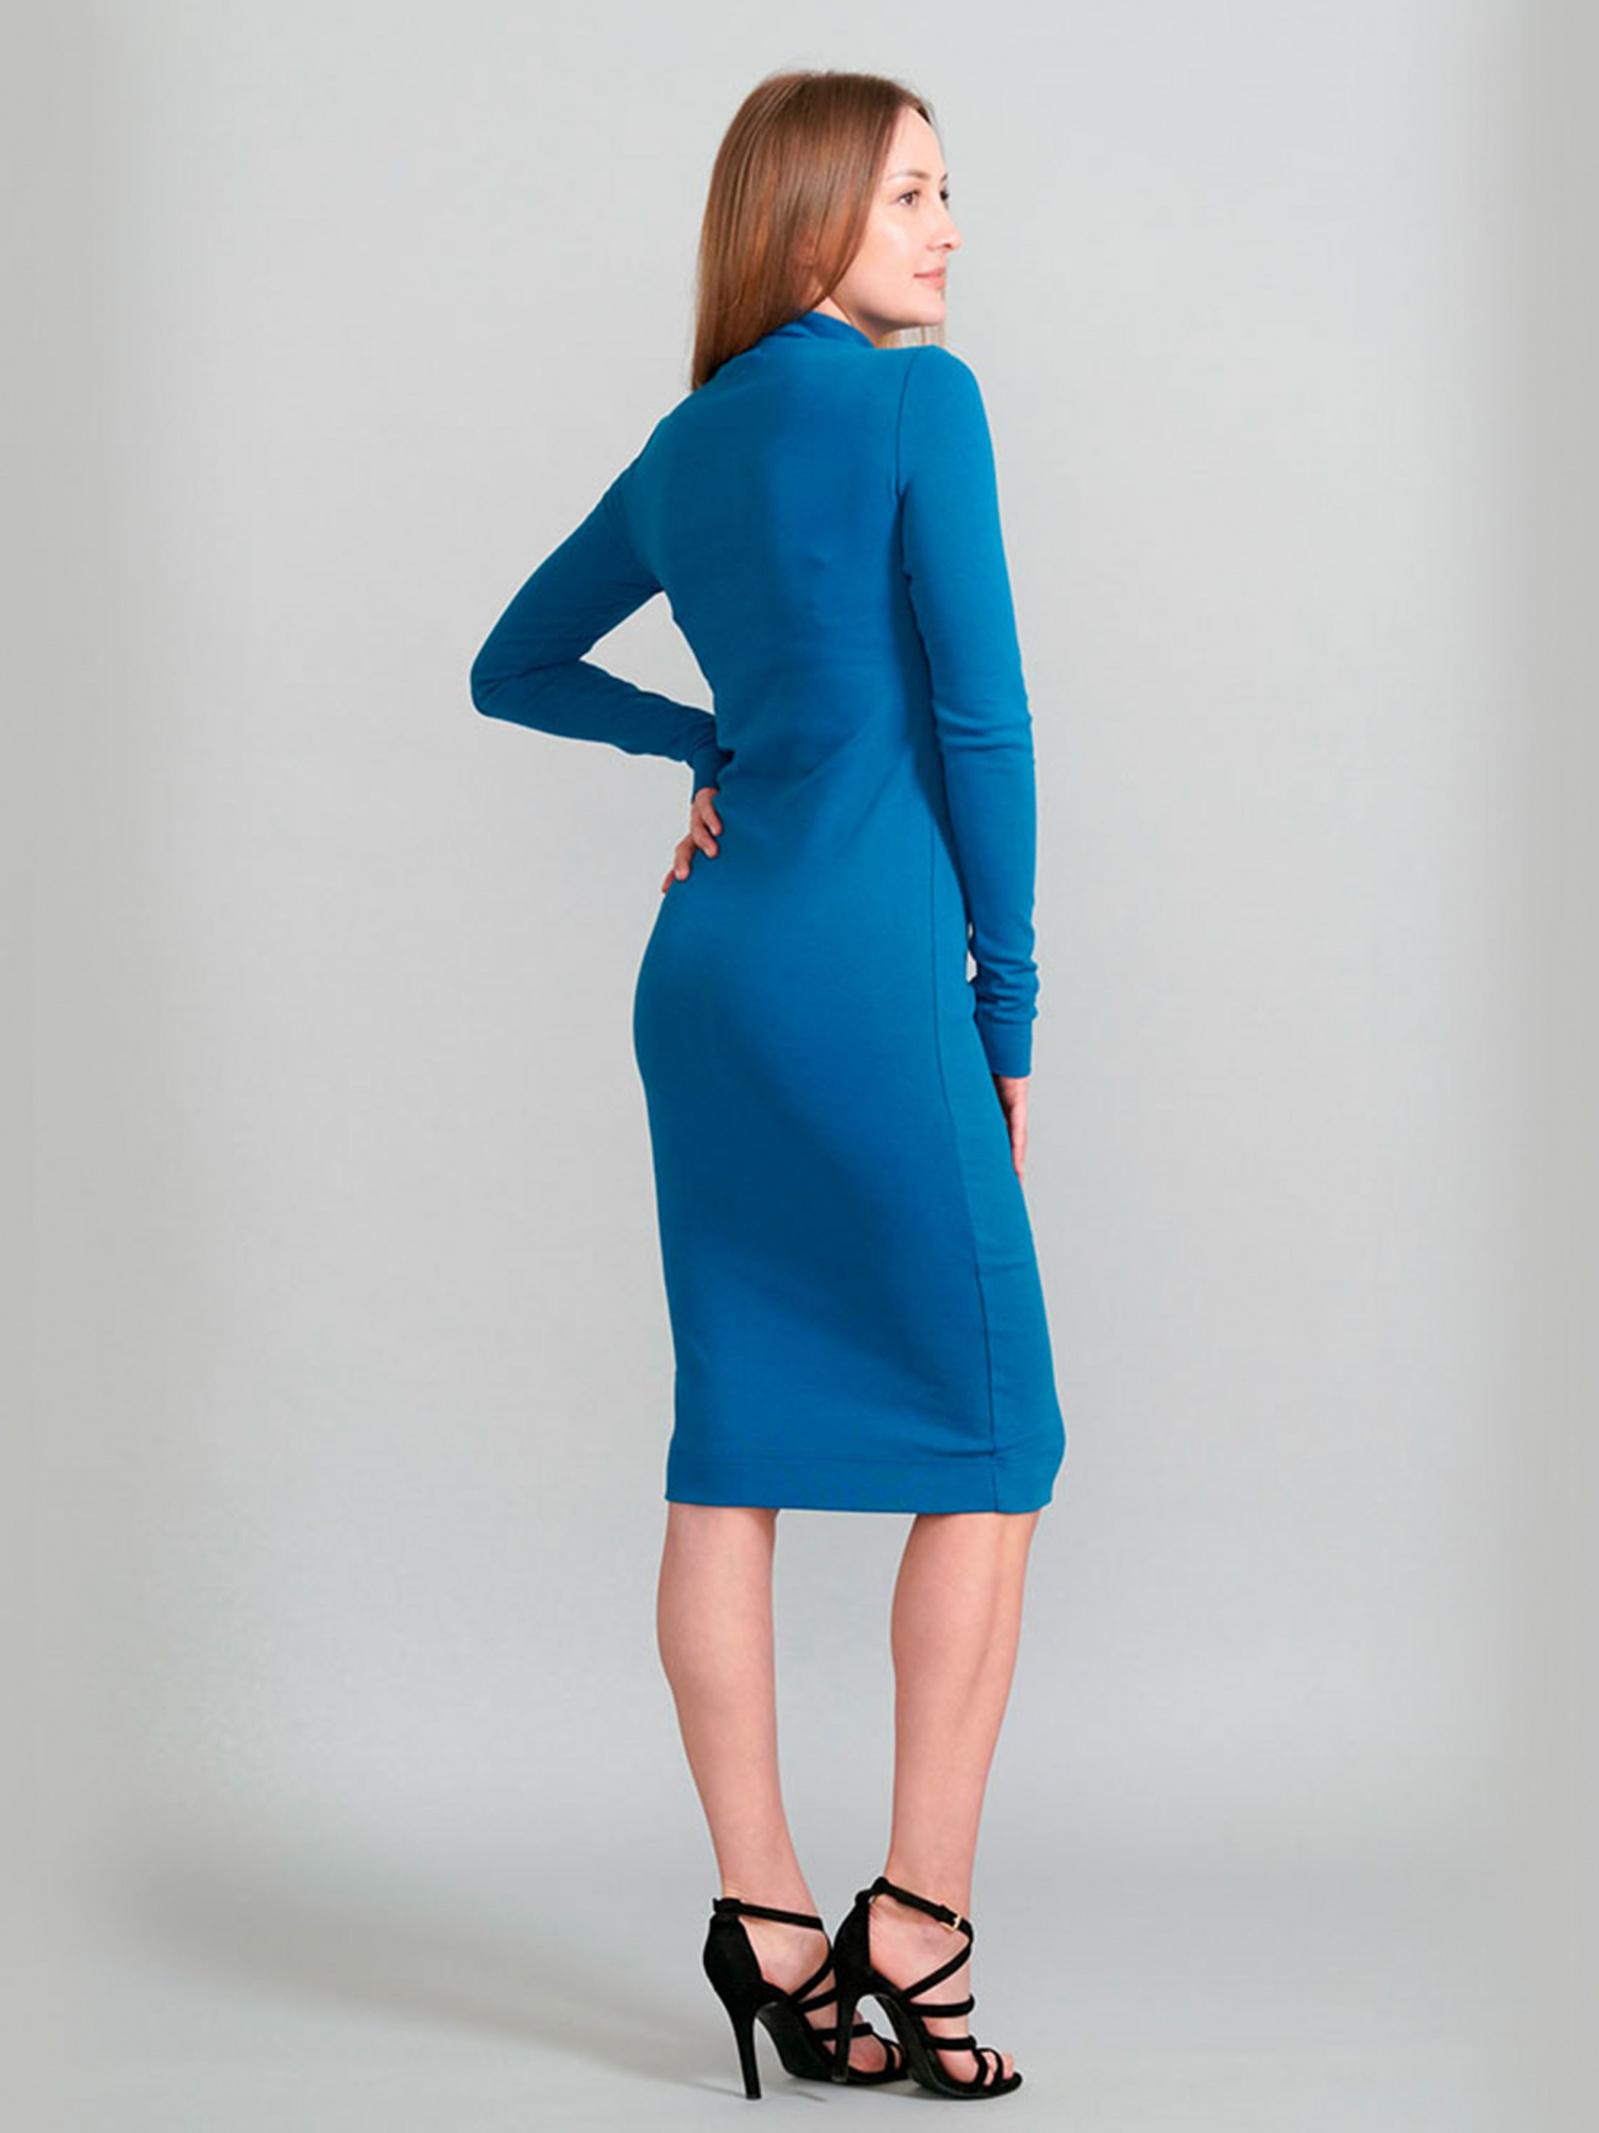 Promin Сукня жіночі модель 2050-26 БІРЮЗА якість, 2017